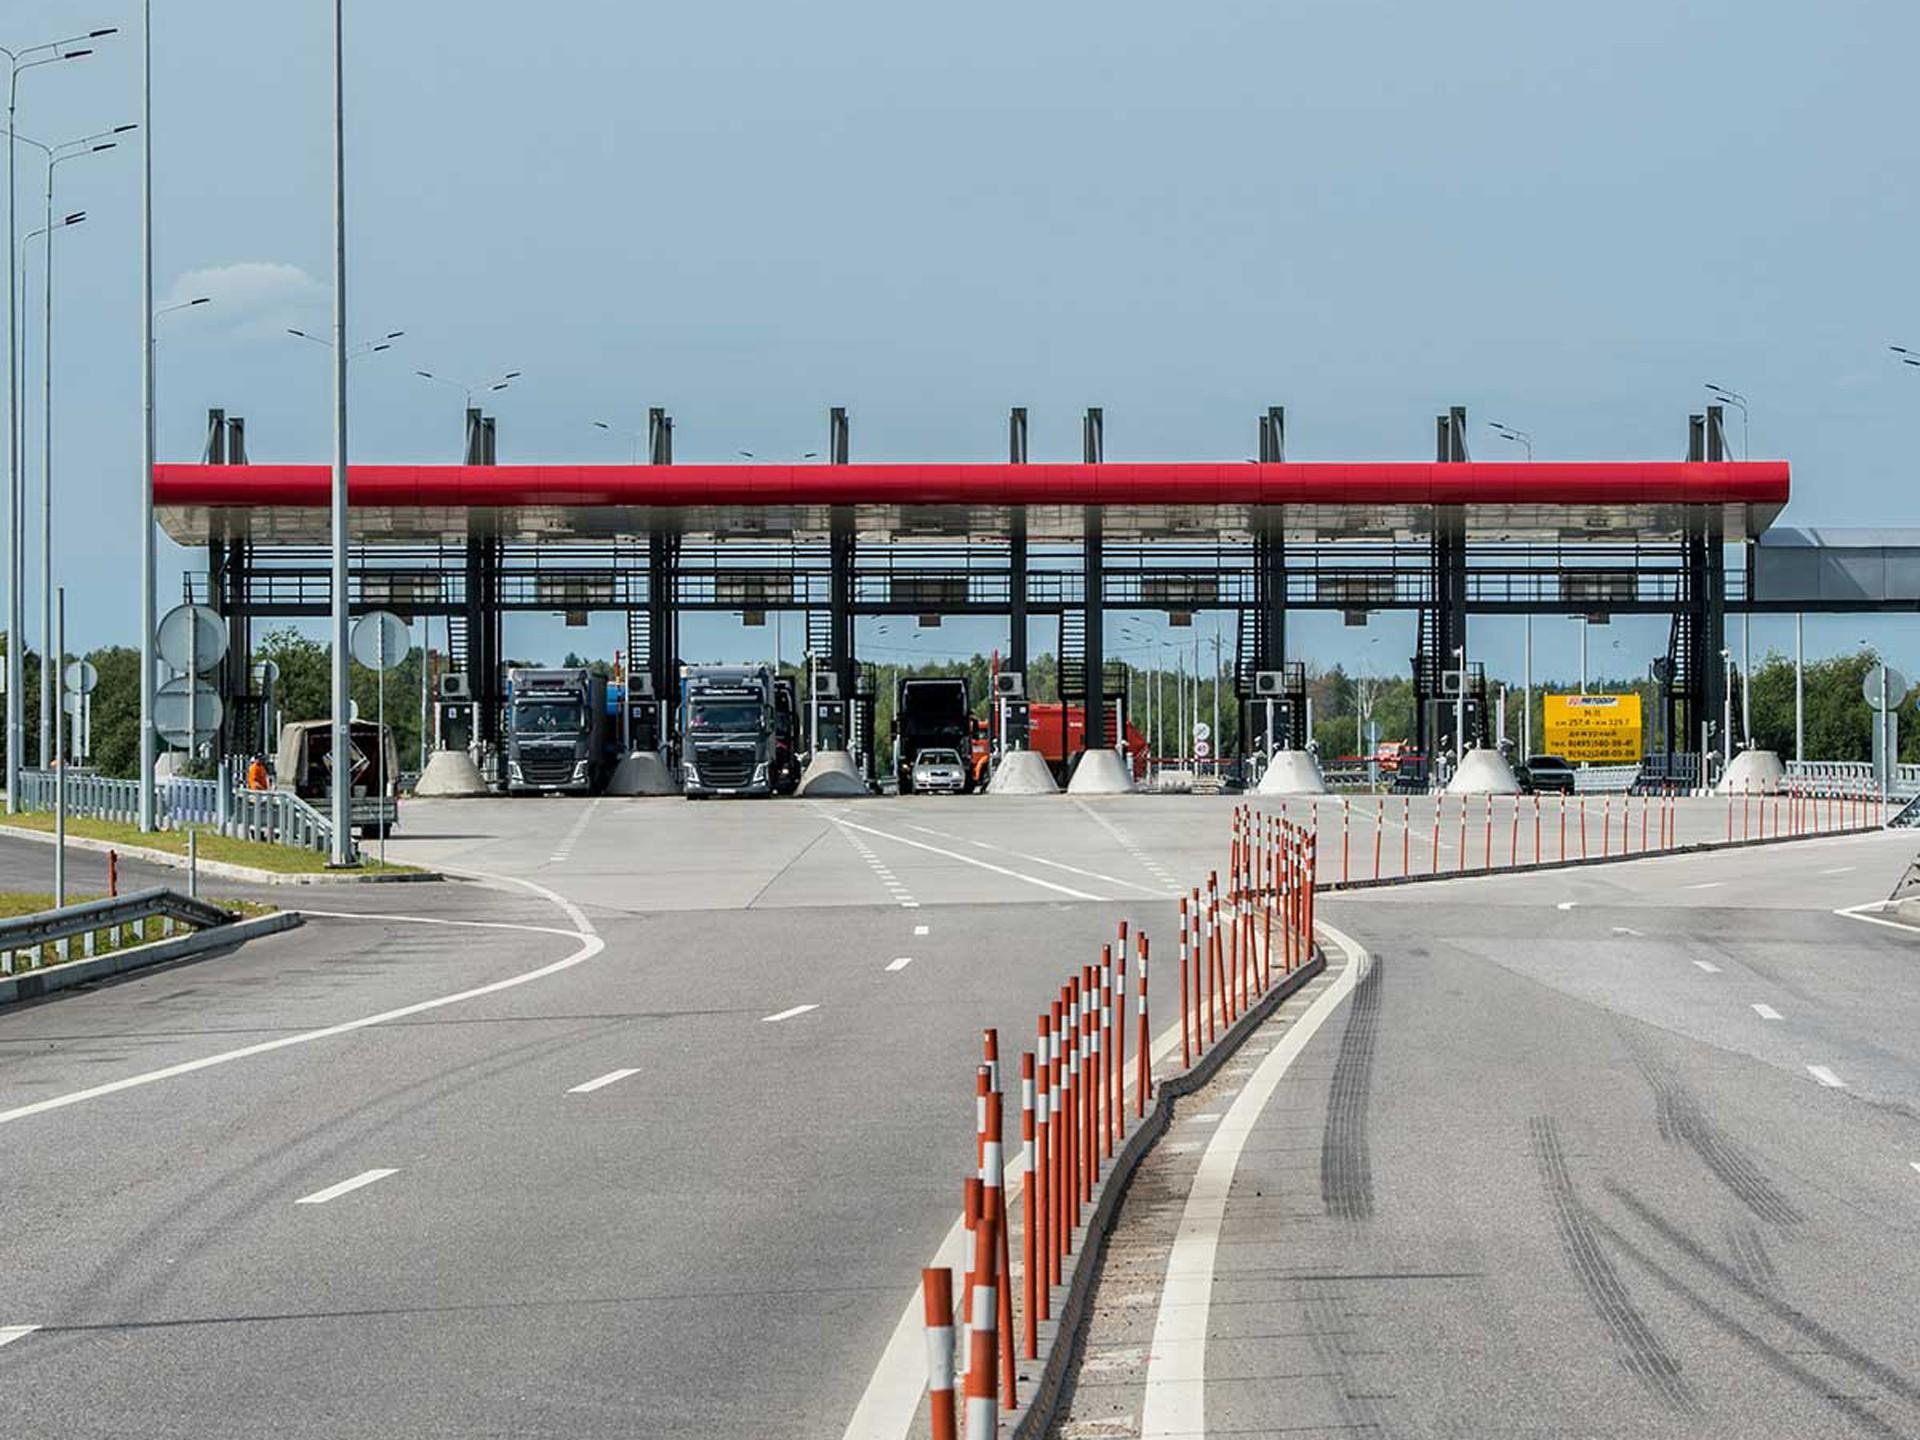 Власти хотят разрешить бесплатный проезд по платным дорогам